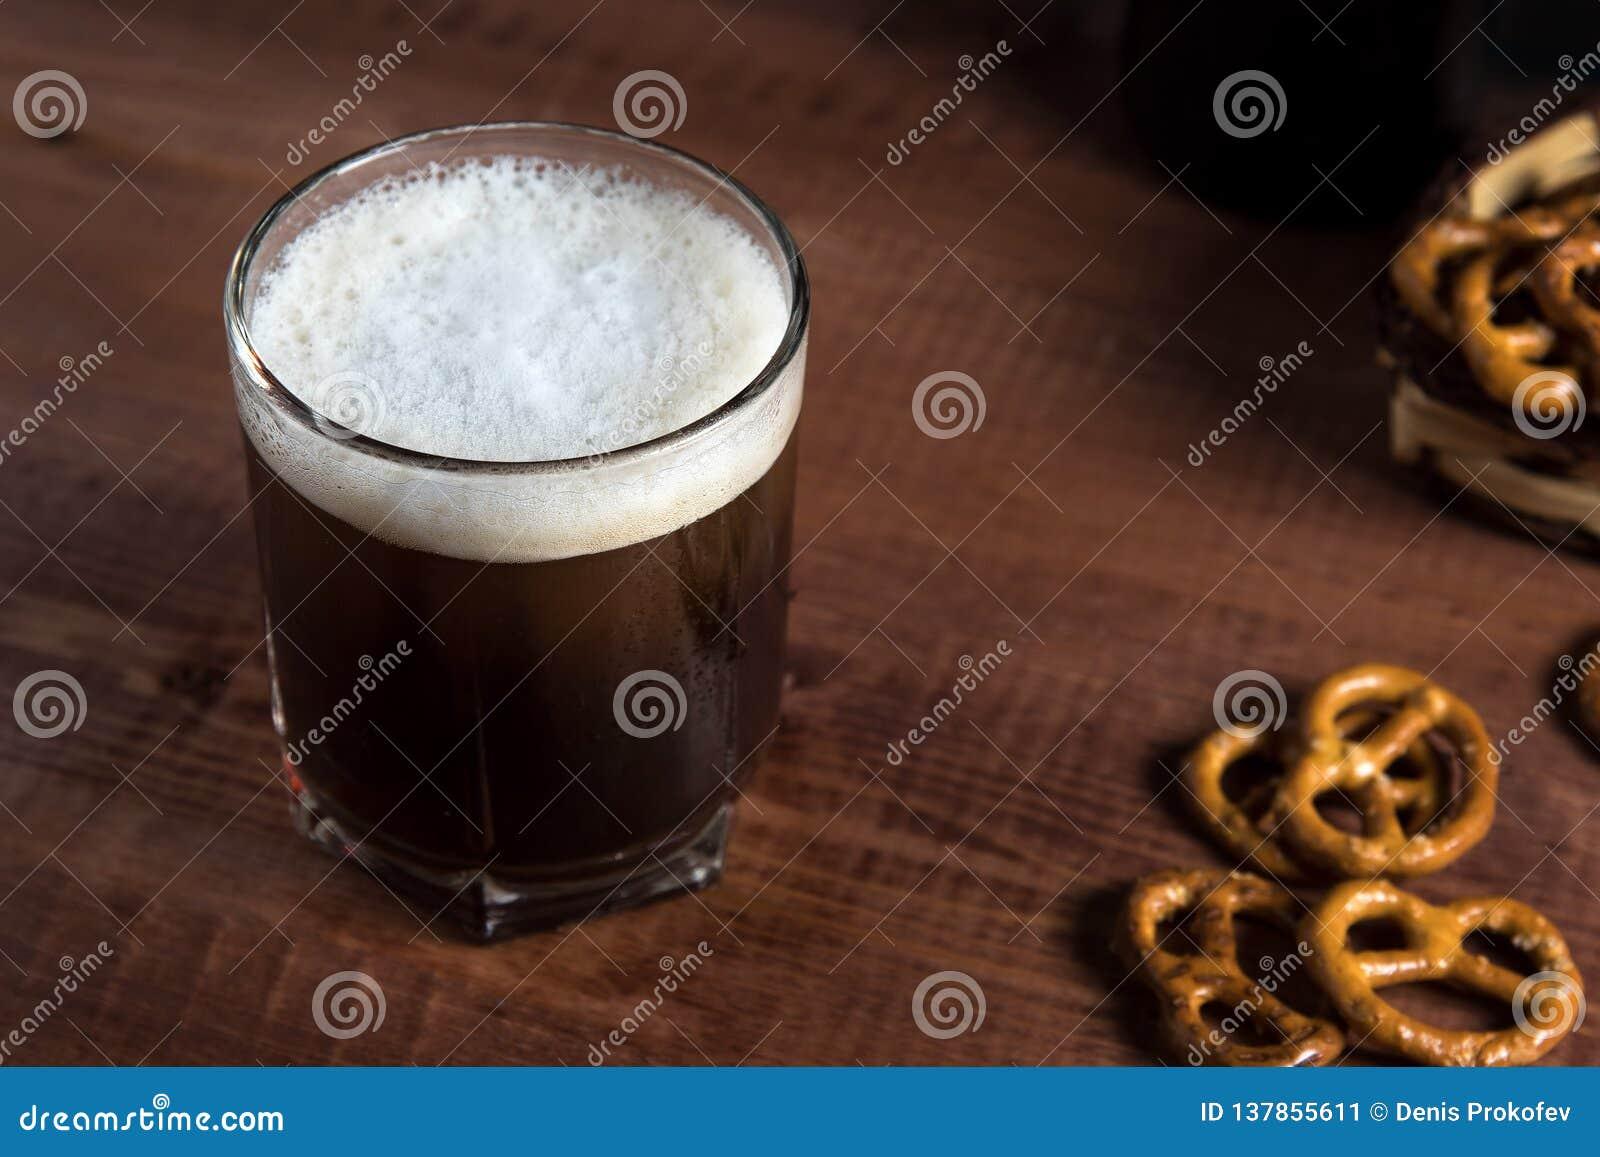 Μπύρα σε ένα γυαλί σε έναν ξύλινο πίνακα